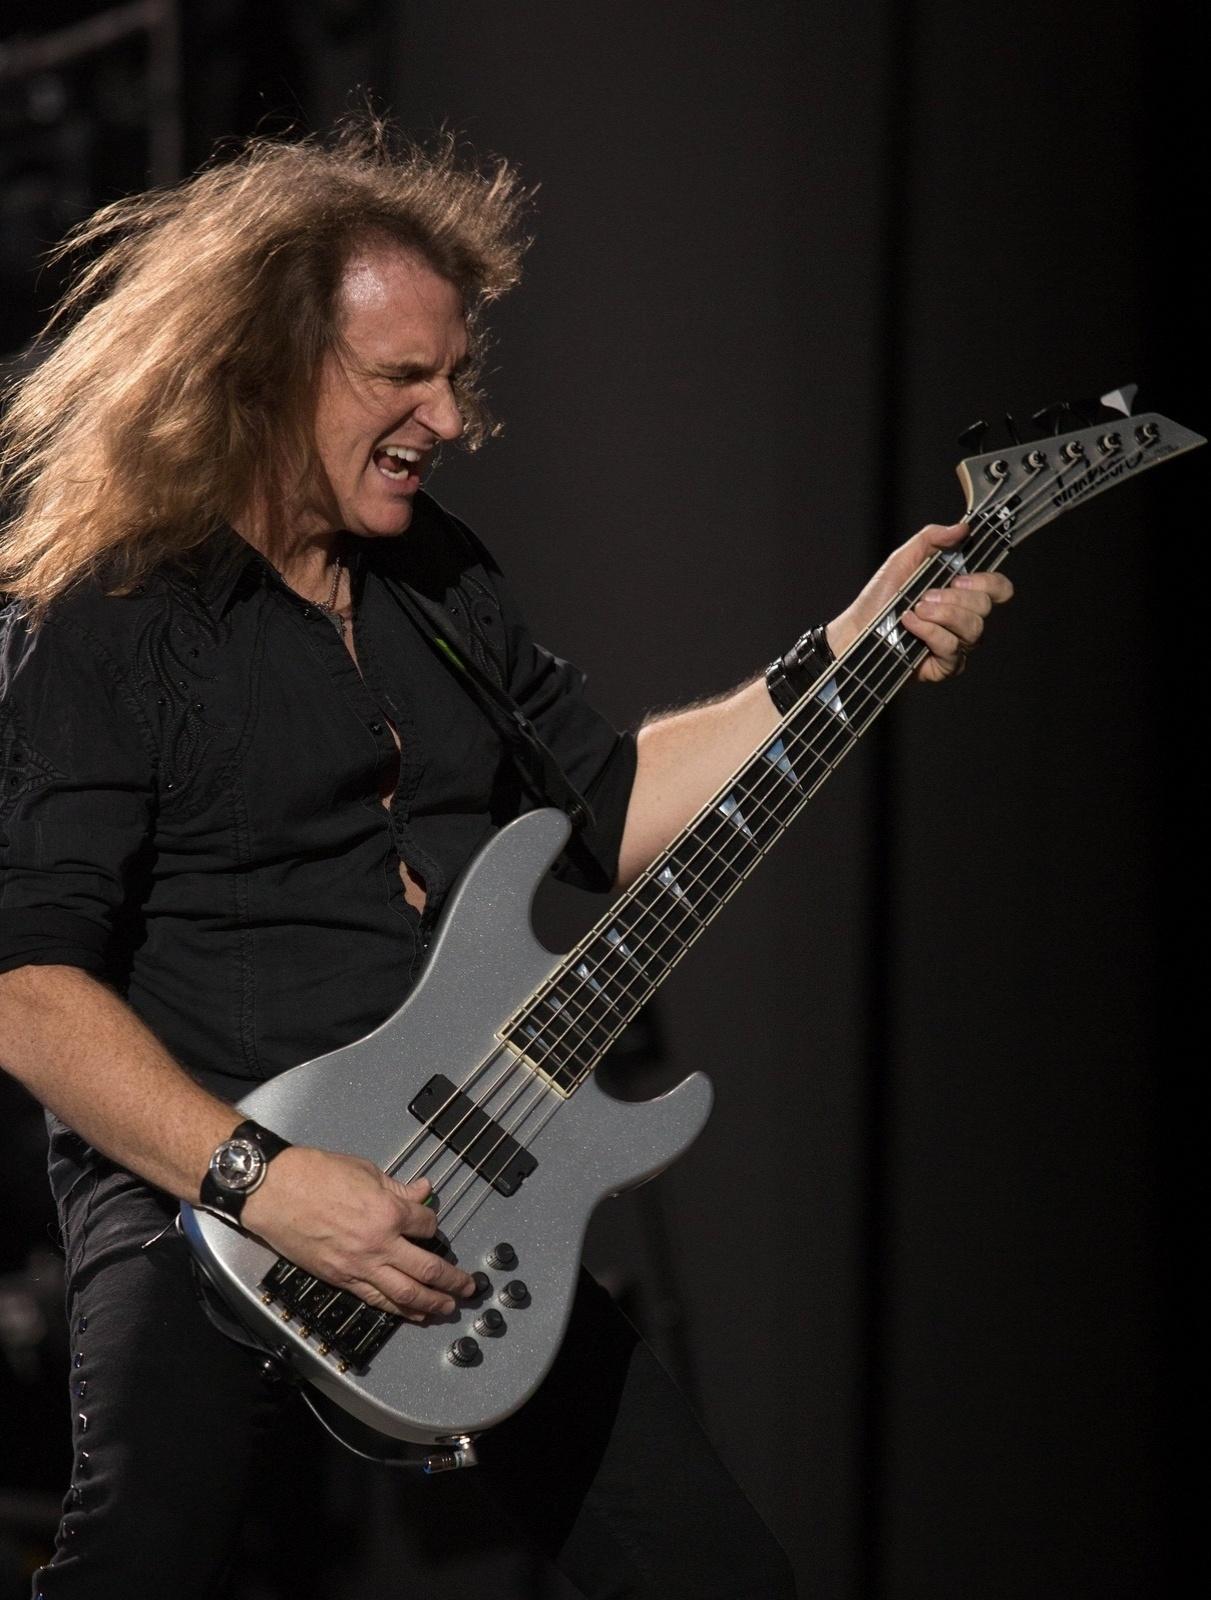 4.out.2013 - David Ellefson, do Megadeath, no show de abertura para o Black Sabbath em Santiago, no Chile. No Brasil, Black Sabbath e o Megadeath se apresentam em Porto Alegre (09/10), São Paulo (11/10), Rio de Janeiro (13/10) e Belo Horizonte (15/10)